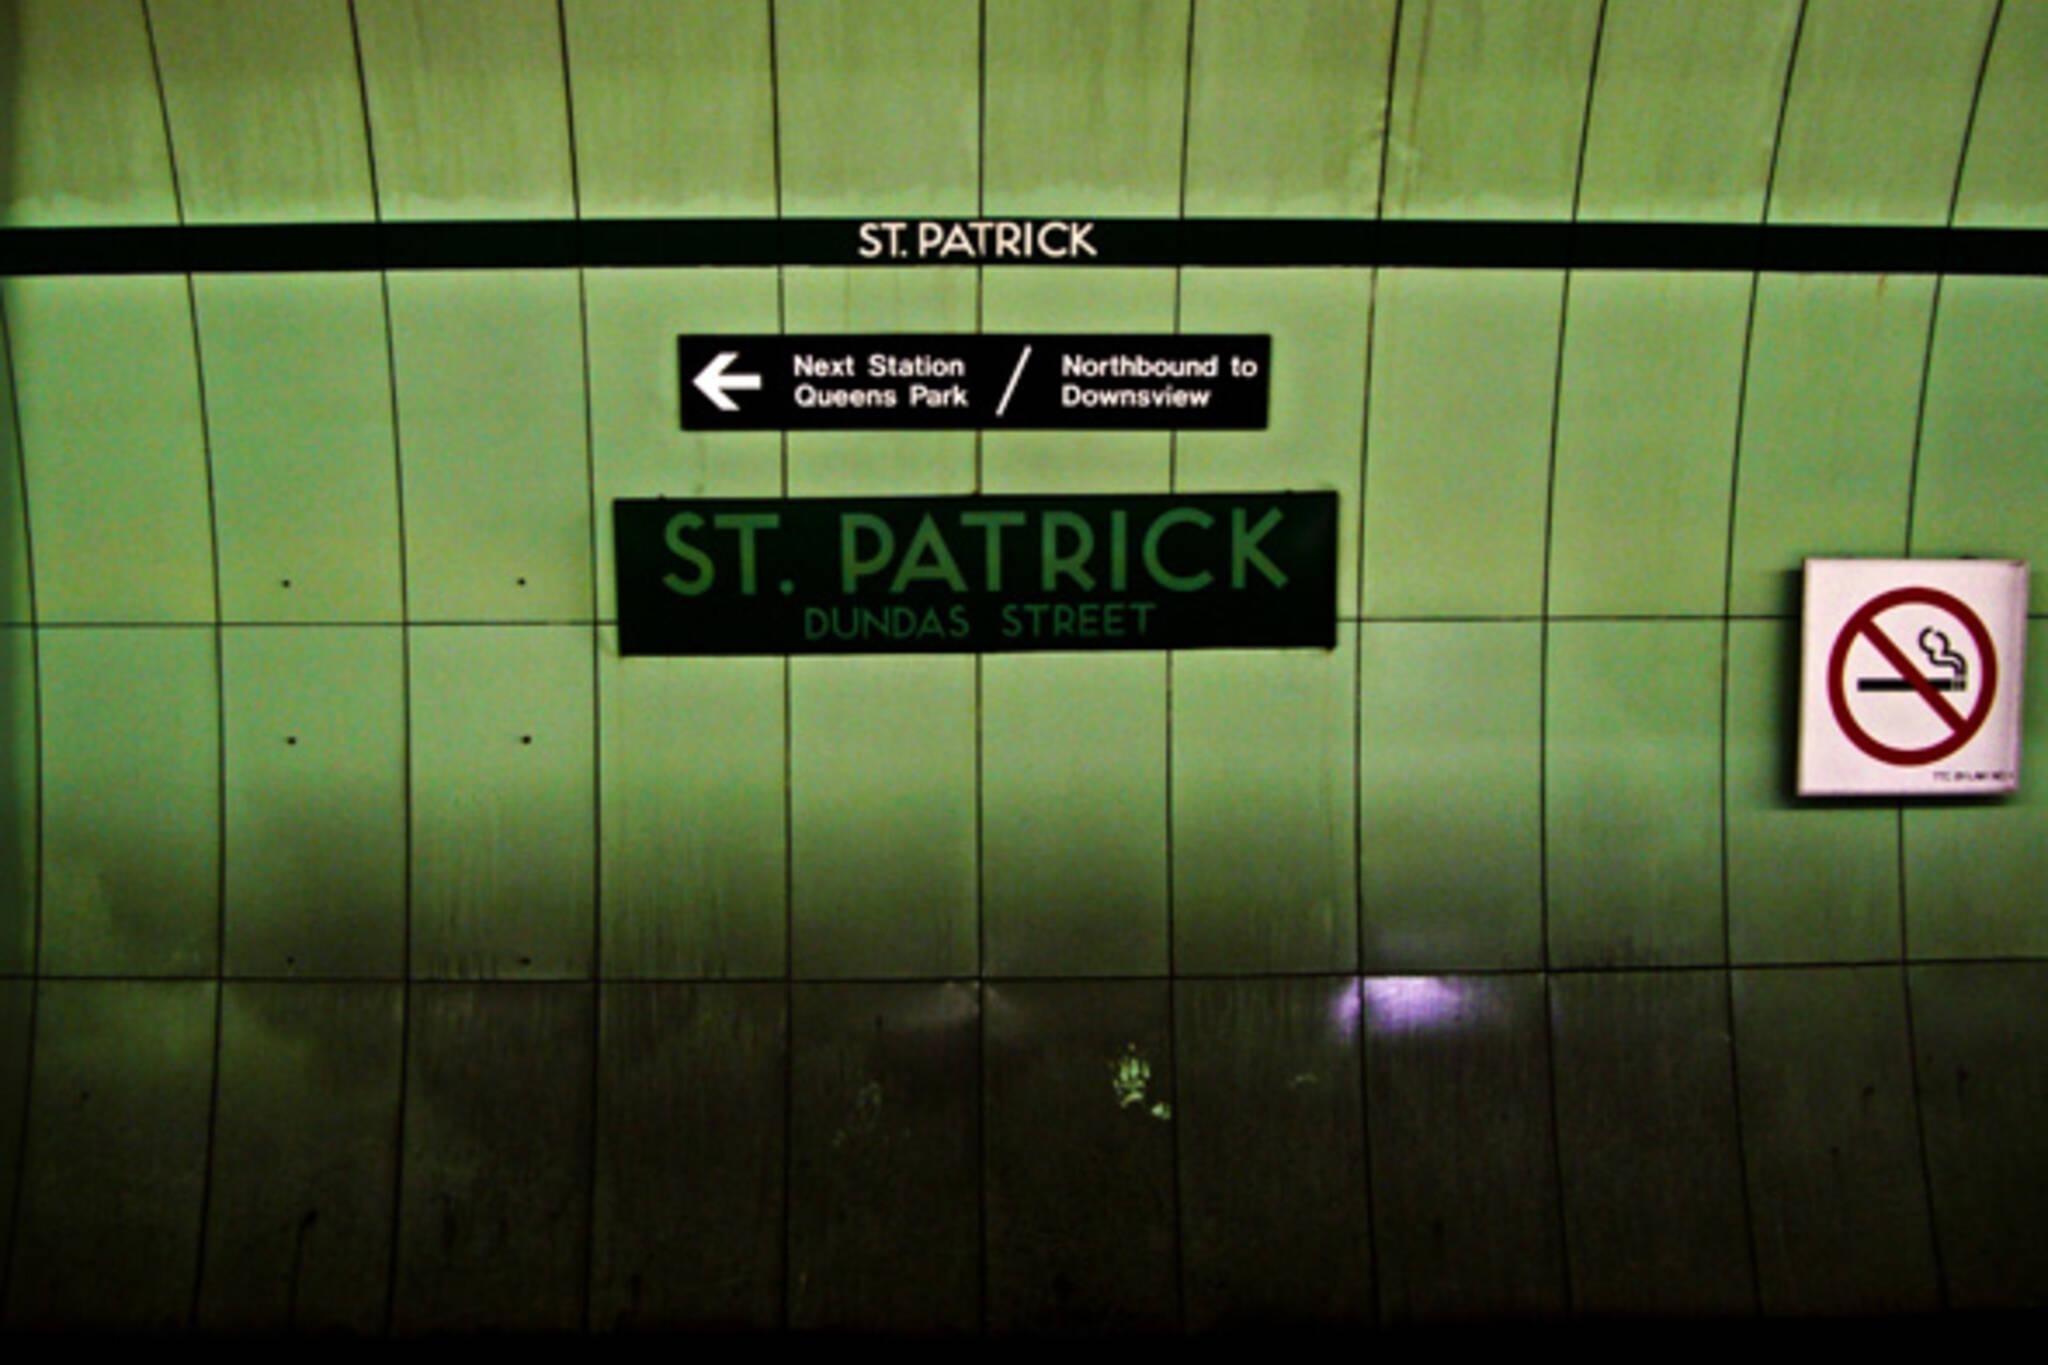 St. Patrick Station